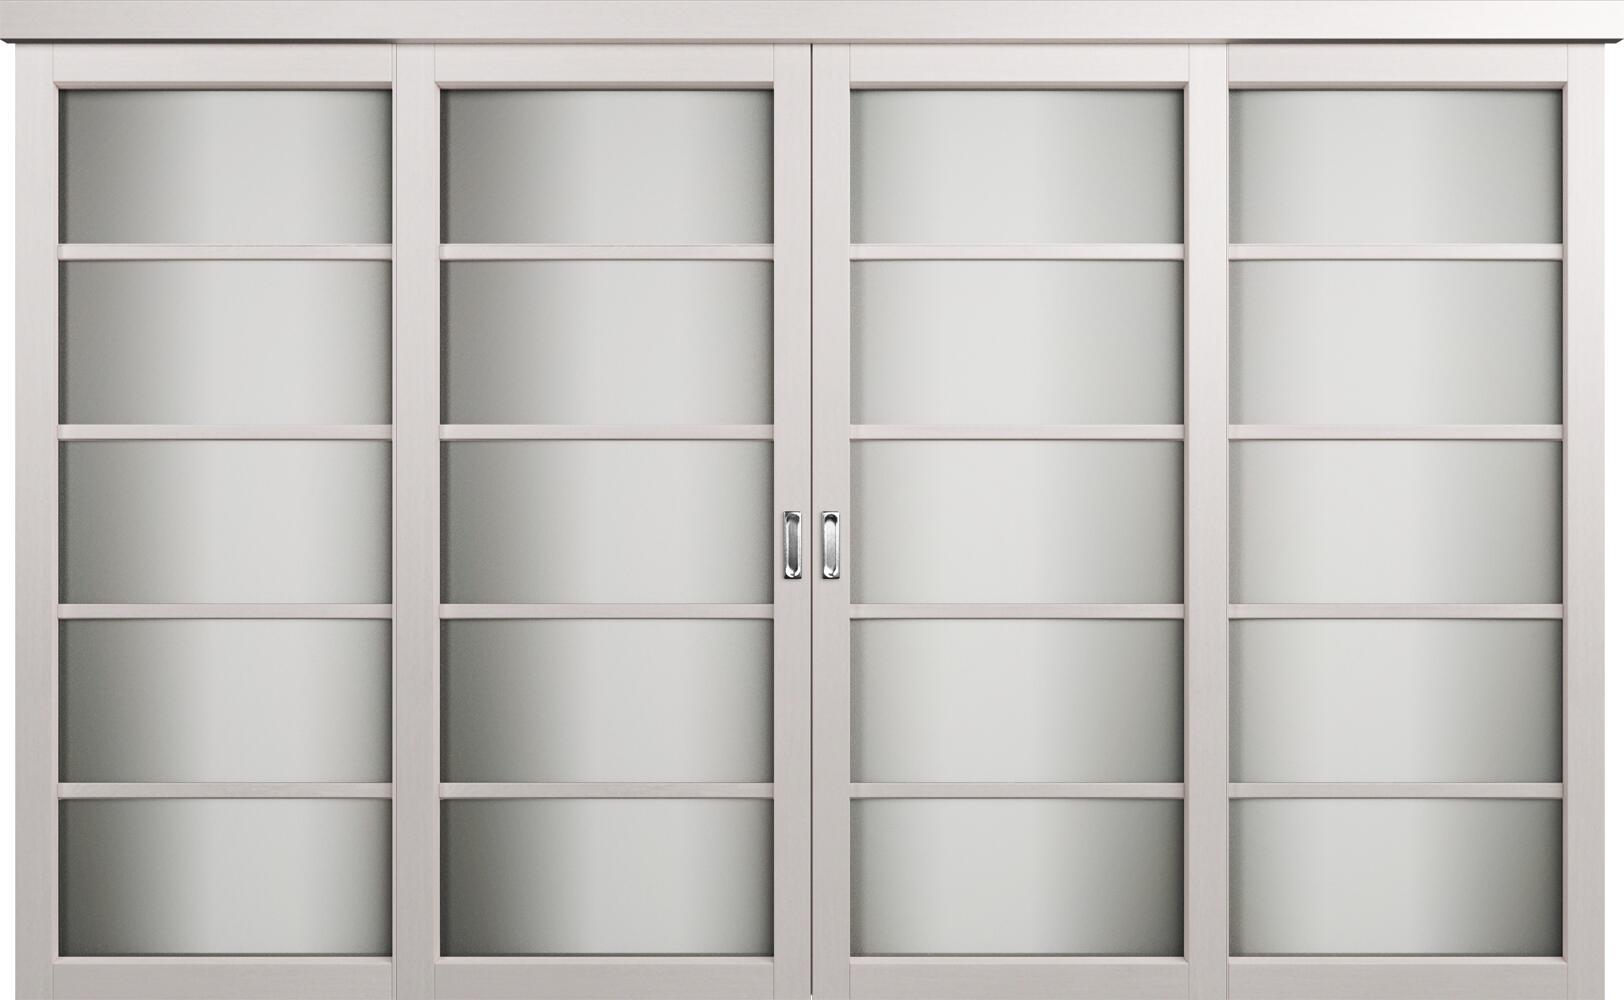 Коллекция Перегородки Двухполосная раздвижная система для 4-х полотен. Тип 1 Дуб белый + Сатинато белое